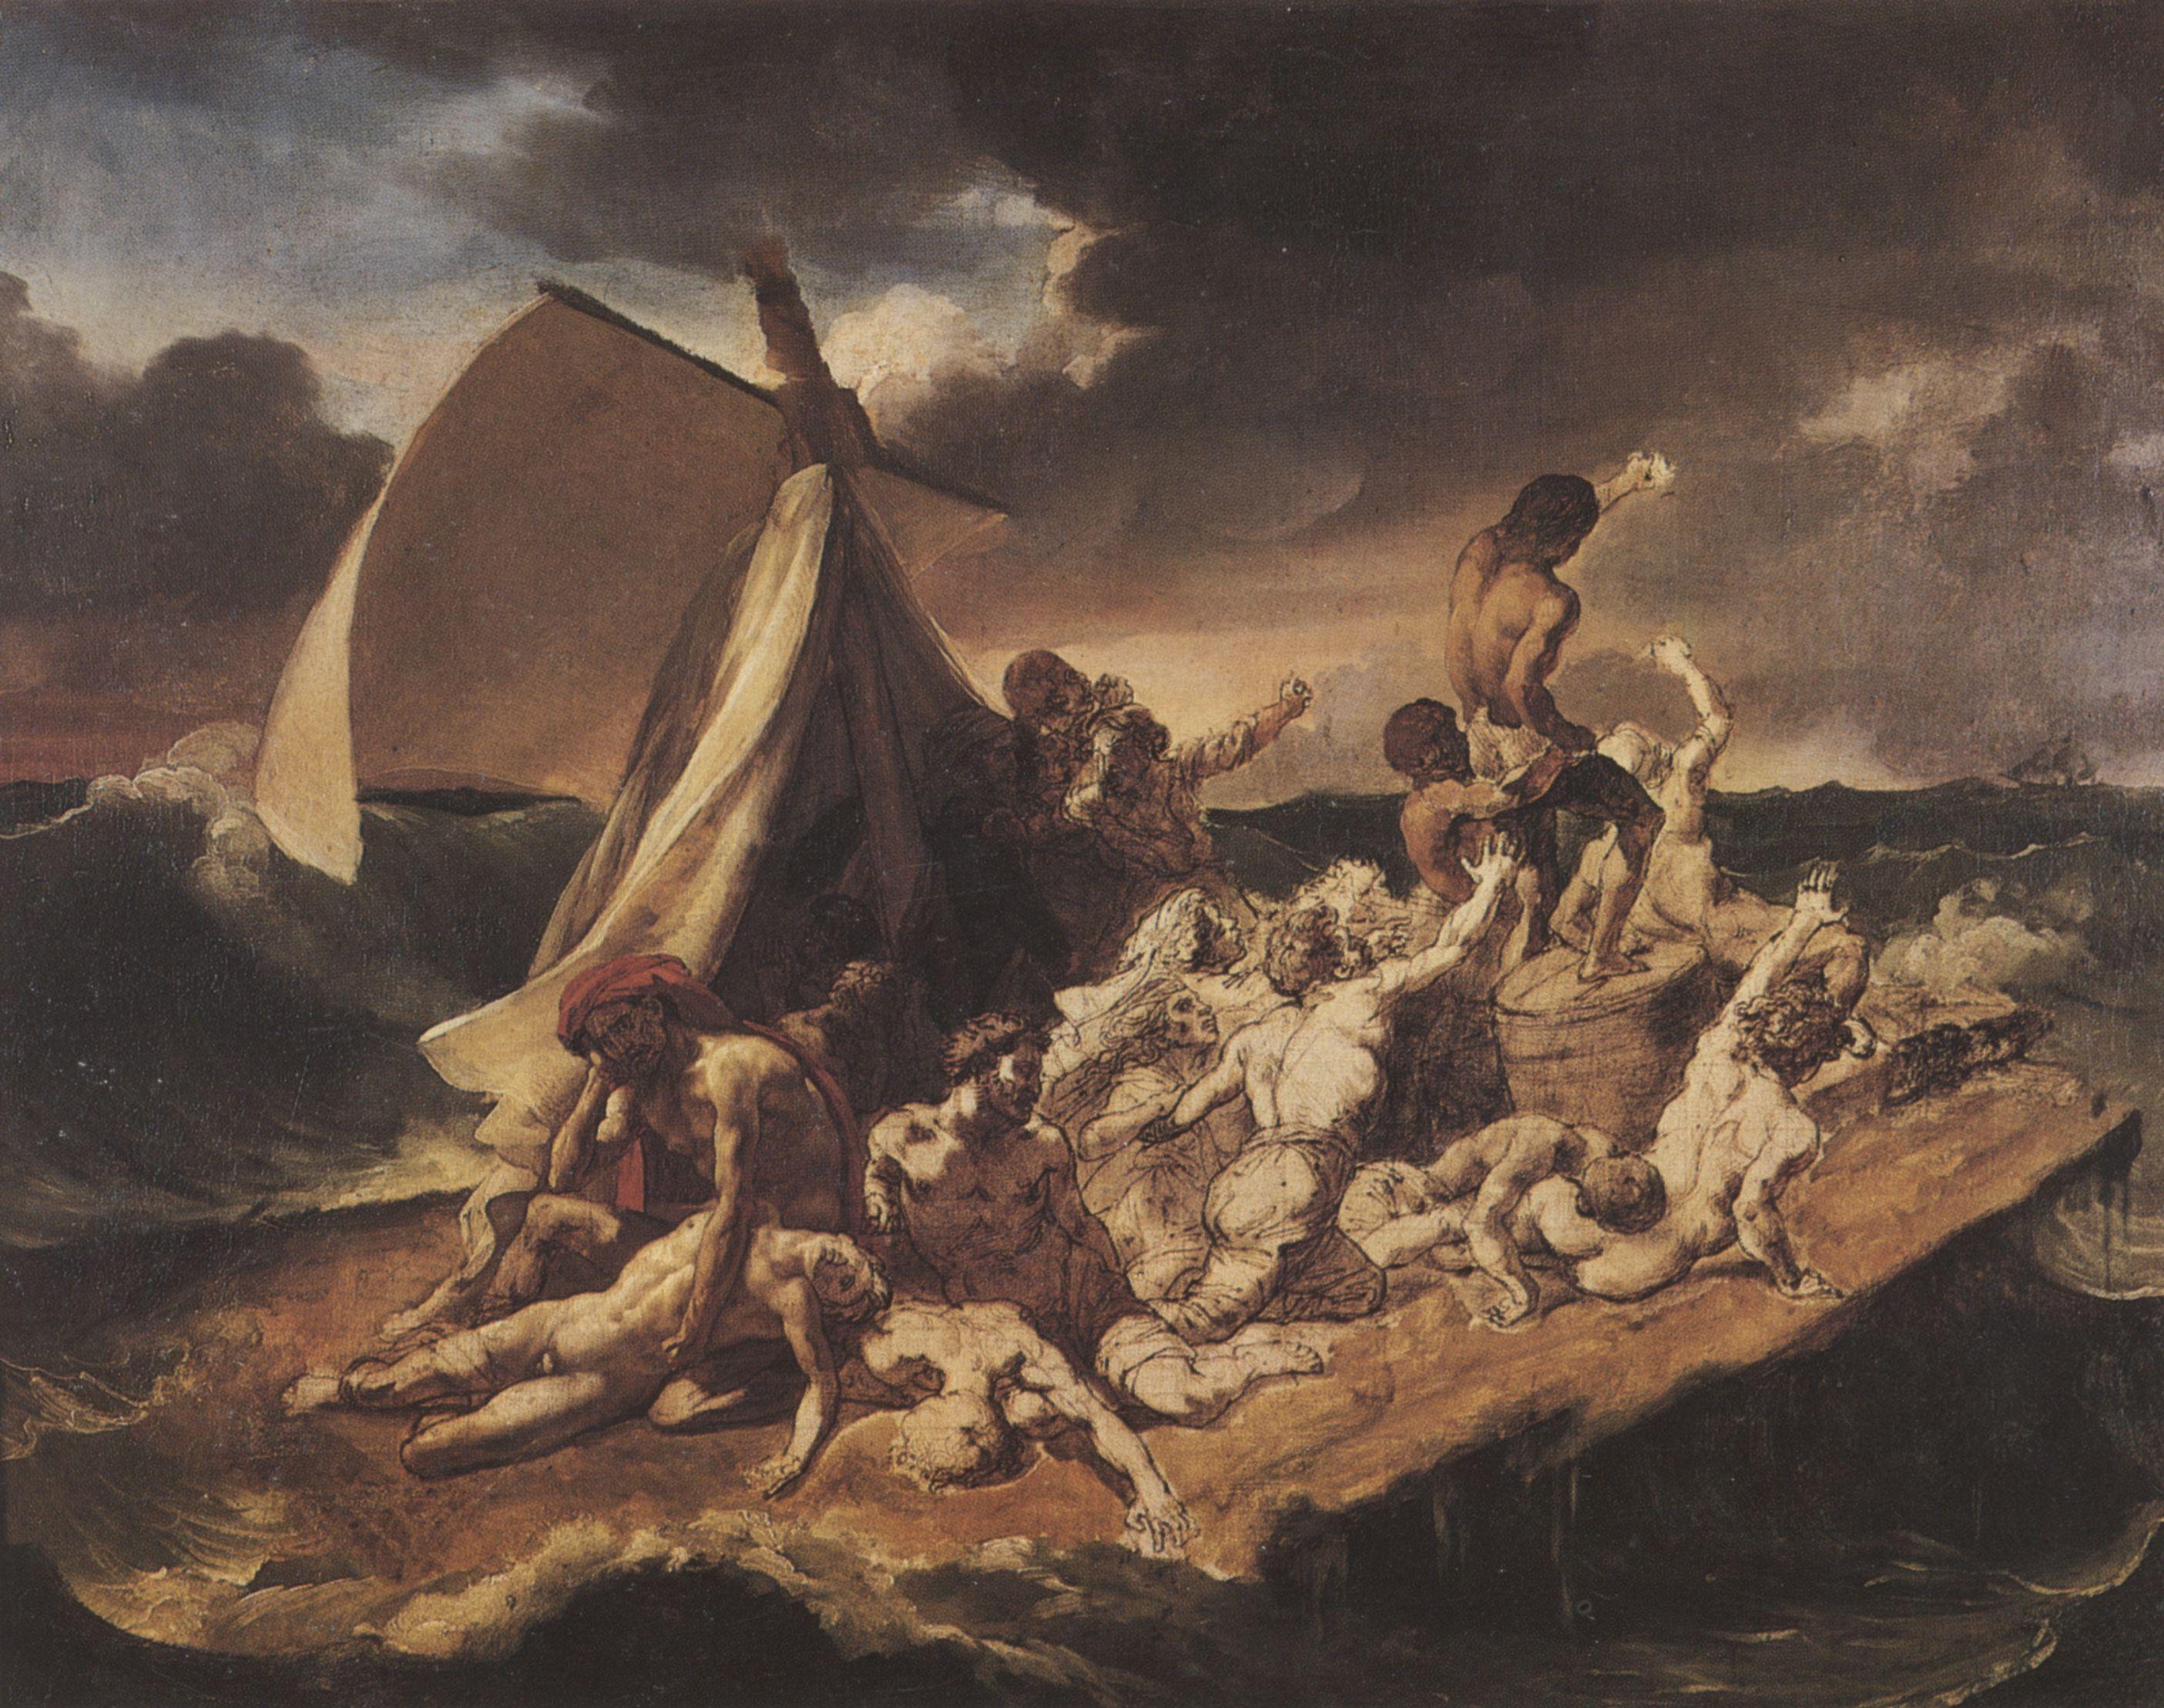 Géricault, Jean Louis Théodore: Floß der Medusa, Studie - Zeno.org